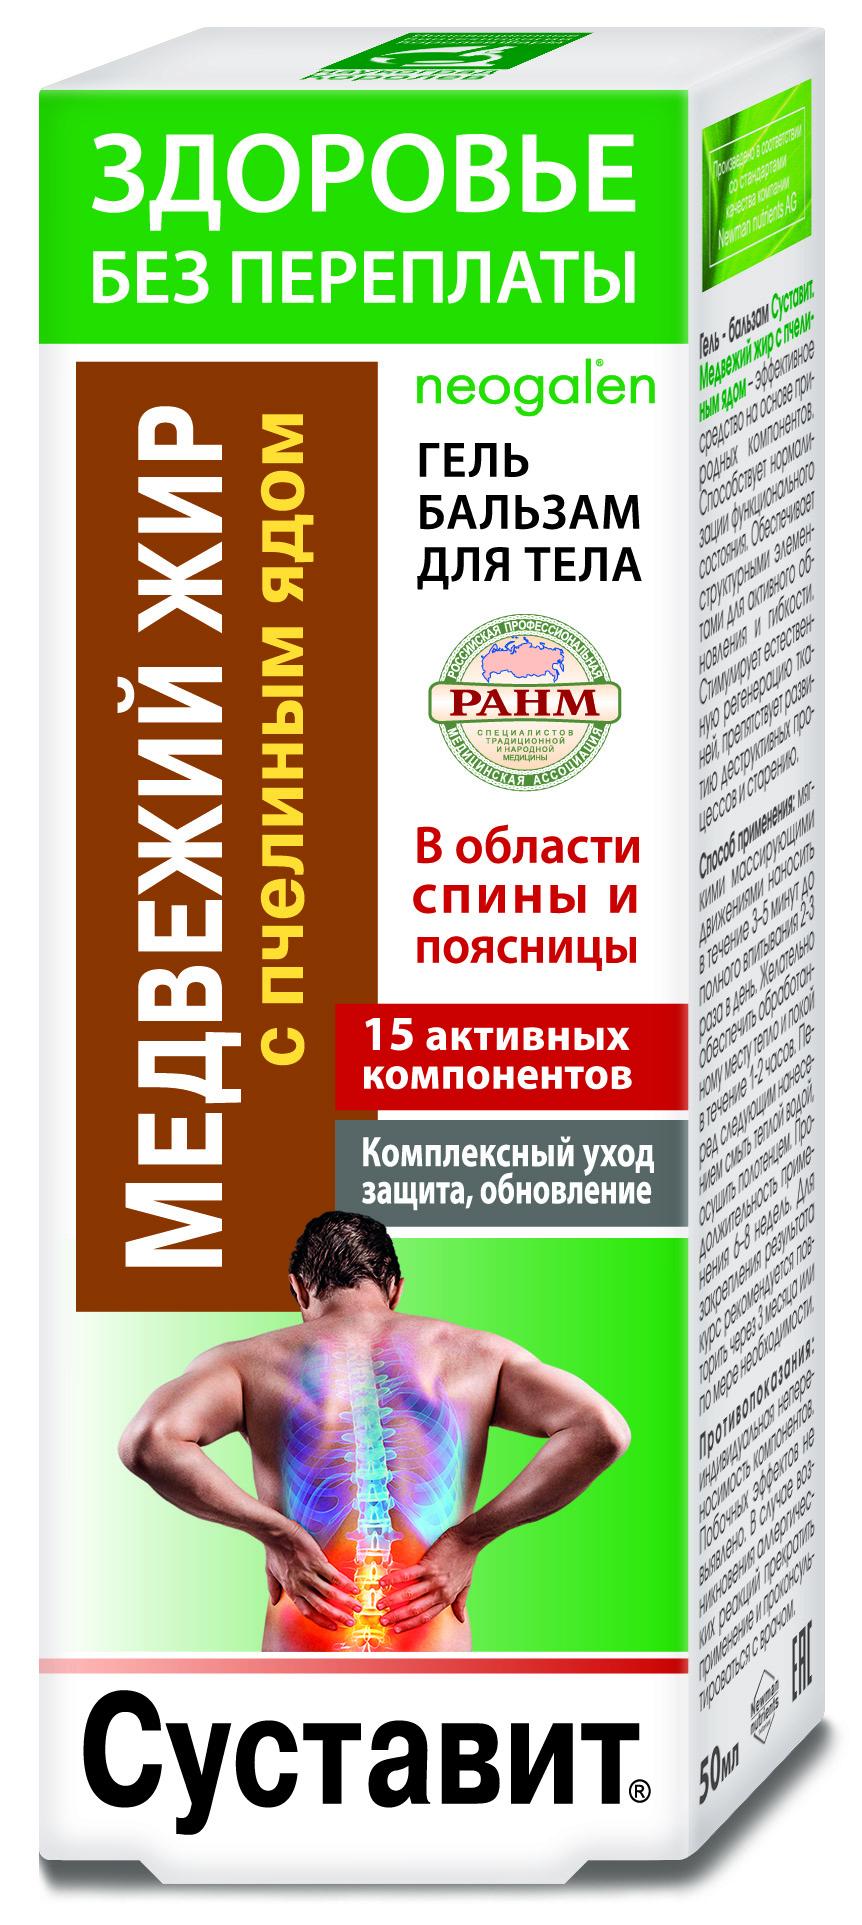 Гель-бальзам Neogalen Здоровье без переплаты Суставит медвежий жир пчелиный яд 125 мл